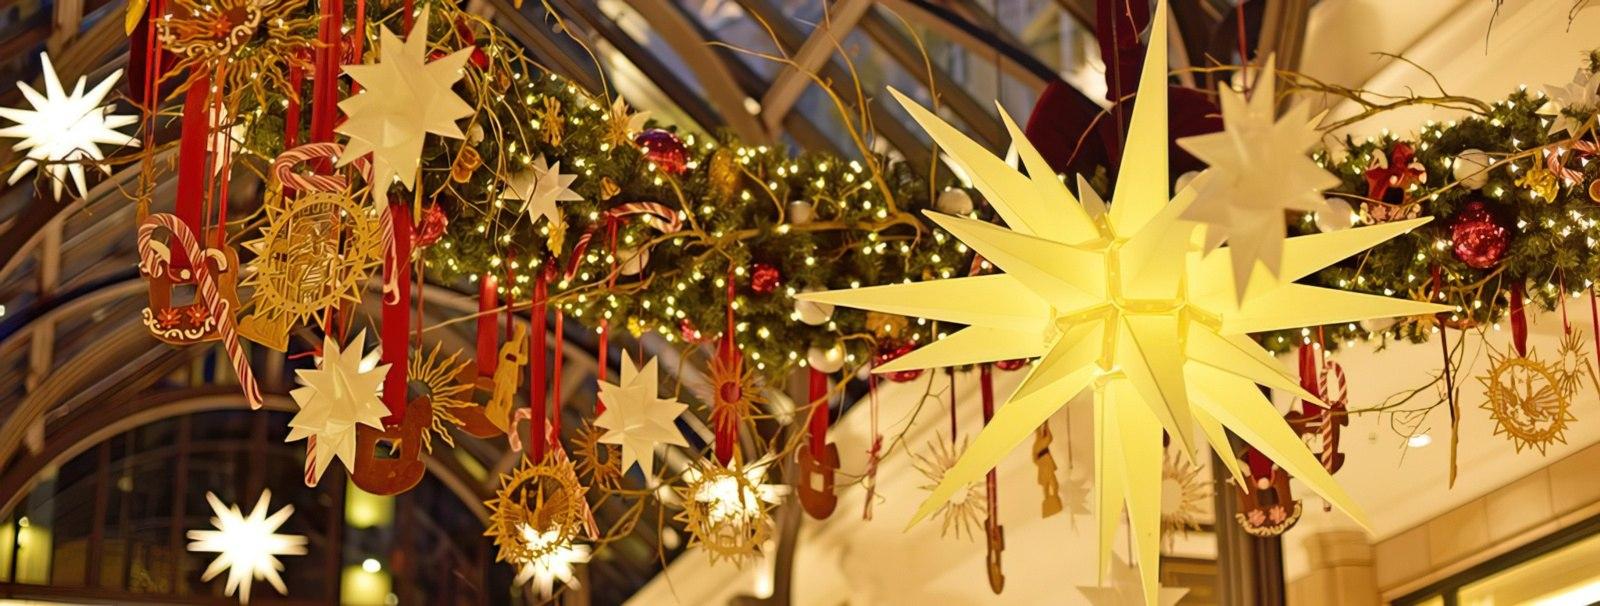 Ersatzglühlampen Für Weihnachtsbeleuchtung.Original Herrnhuter Sterne Wunderschöne Lichterkette Mit 10 Weihnachtsternen Für Innen Und Außen ø 13 Cm Kunststoff Rot